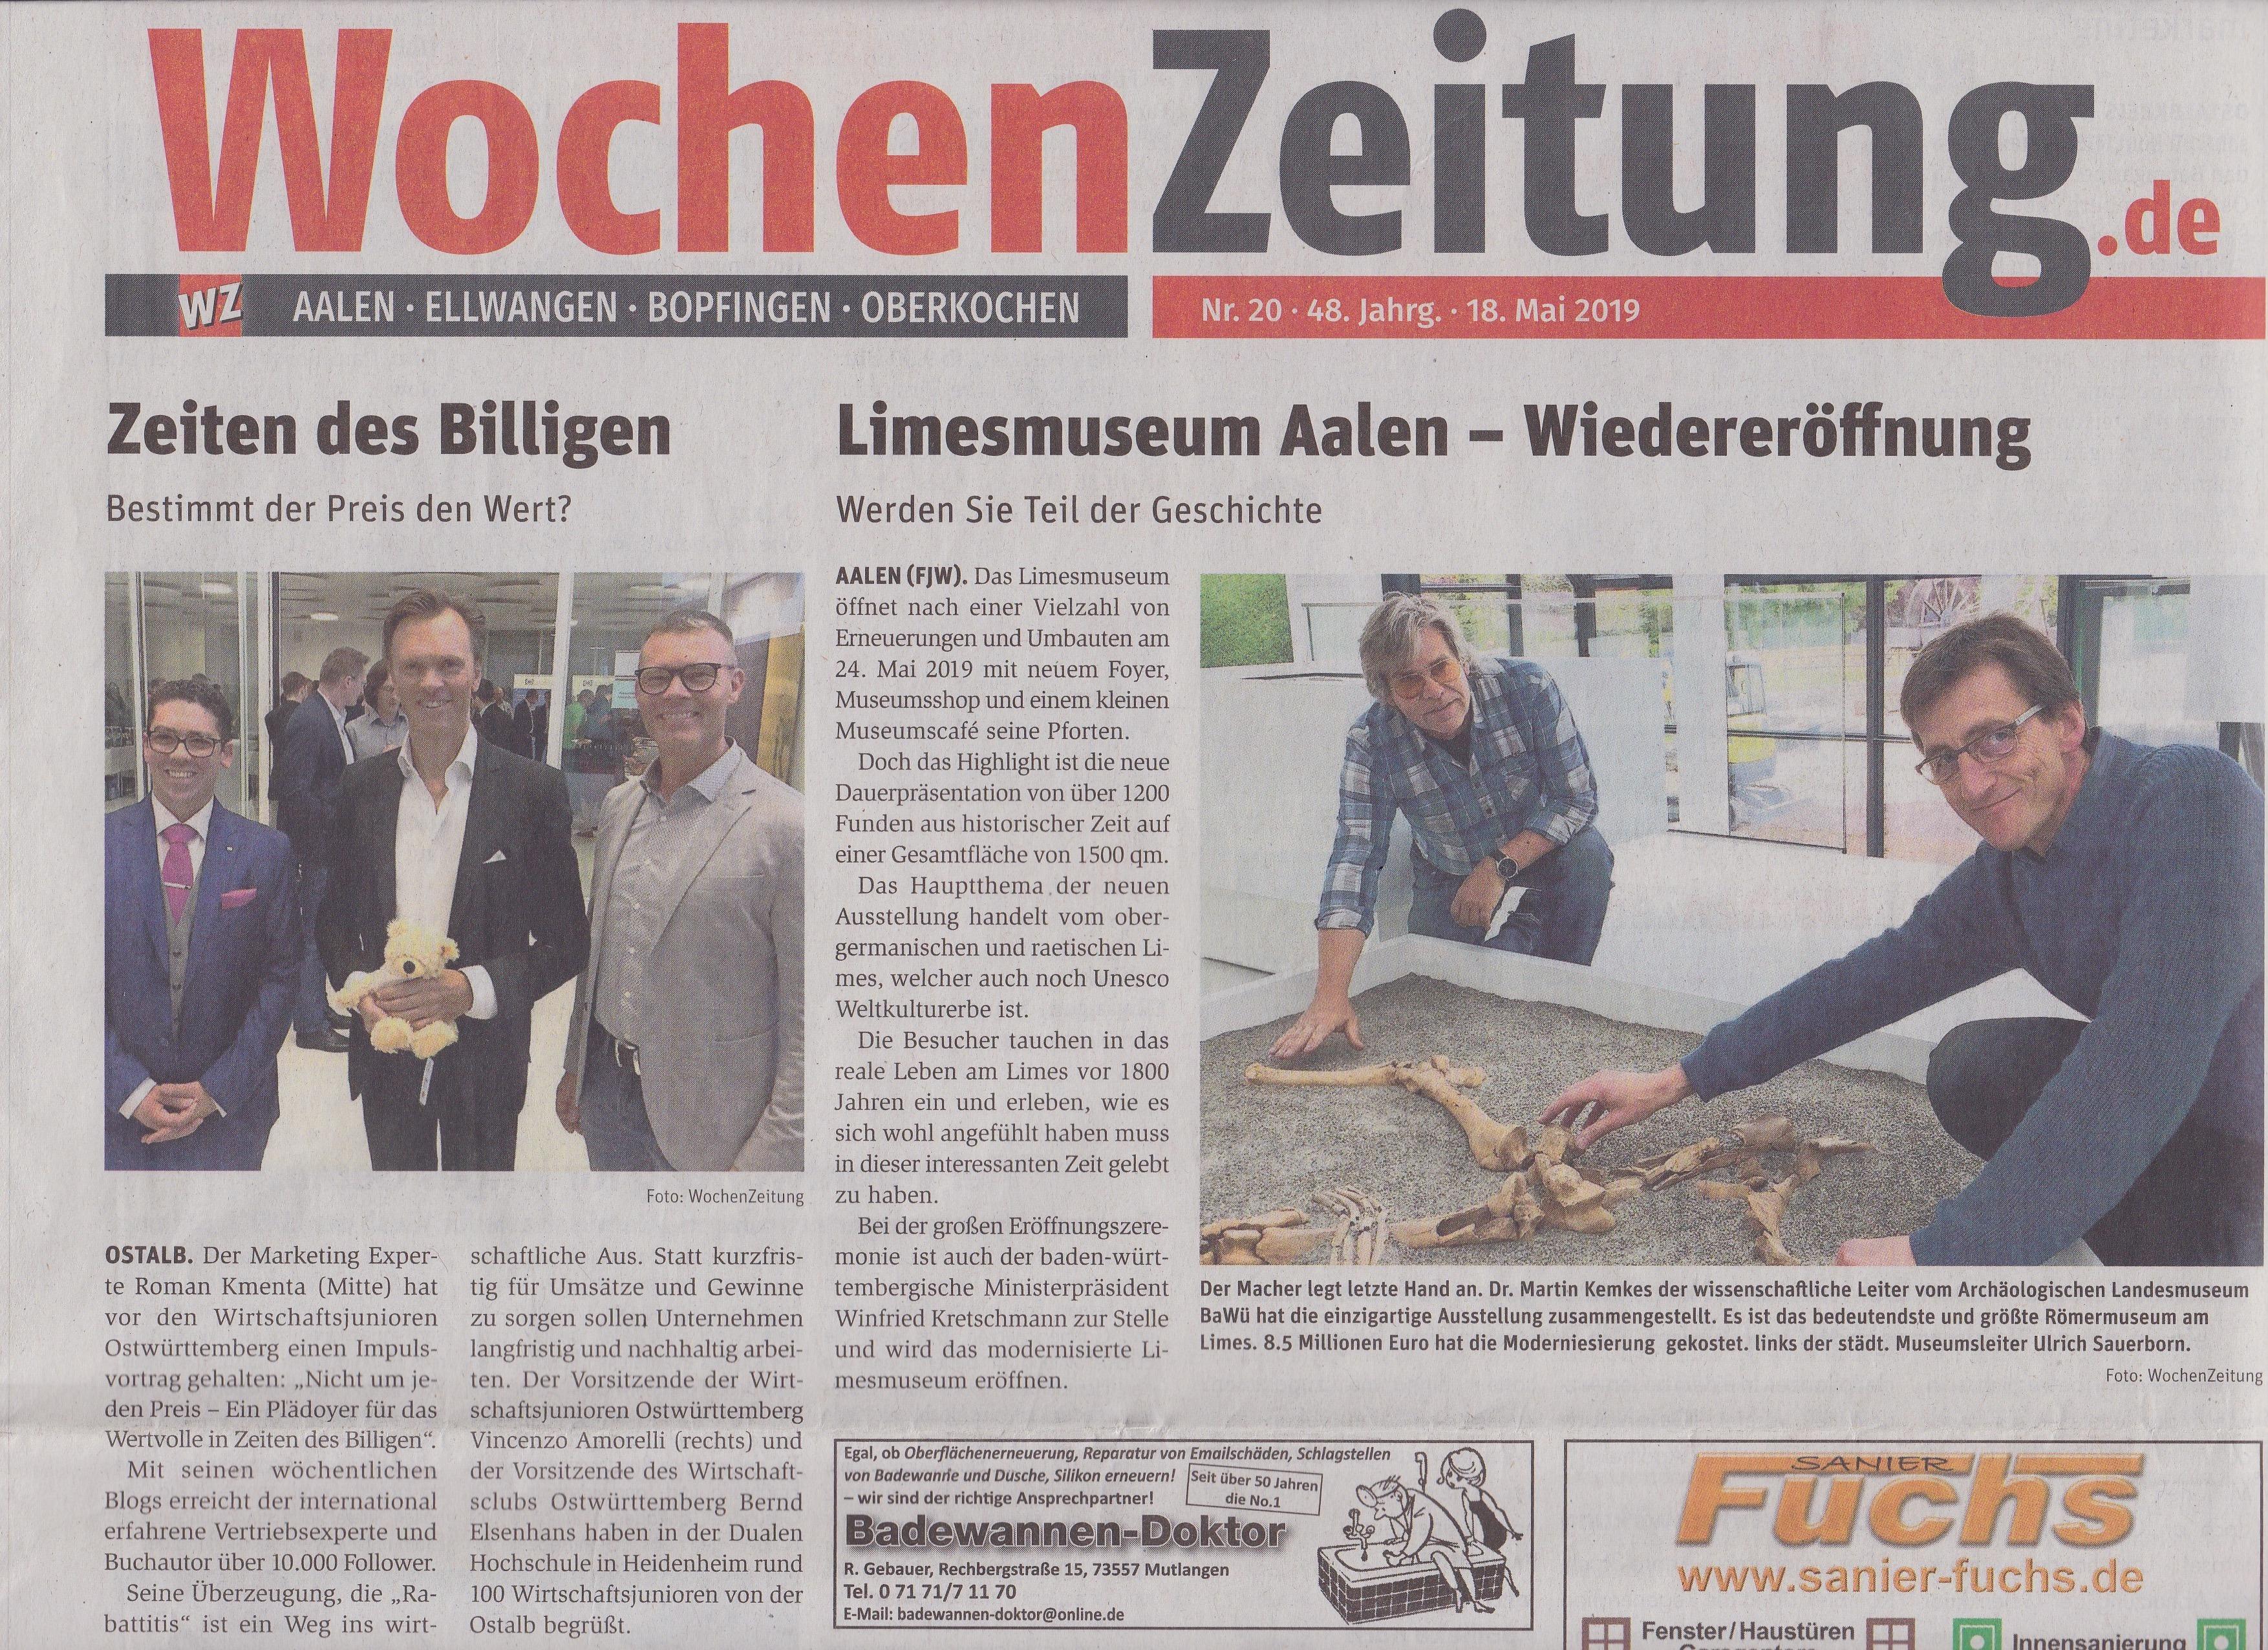 WochenZeitung - Keynote Speaker Roman Kmenta bei den Wirtschaftsjunioren Ostwürttemberg